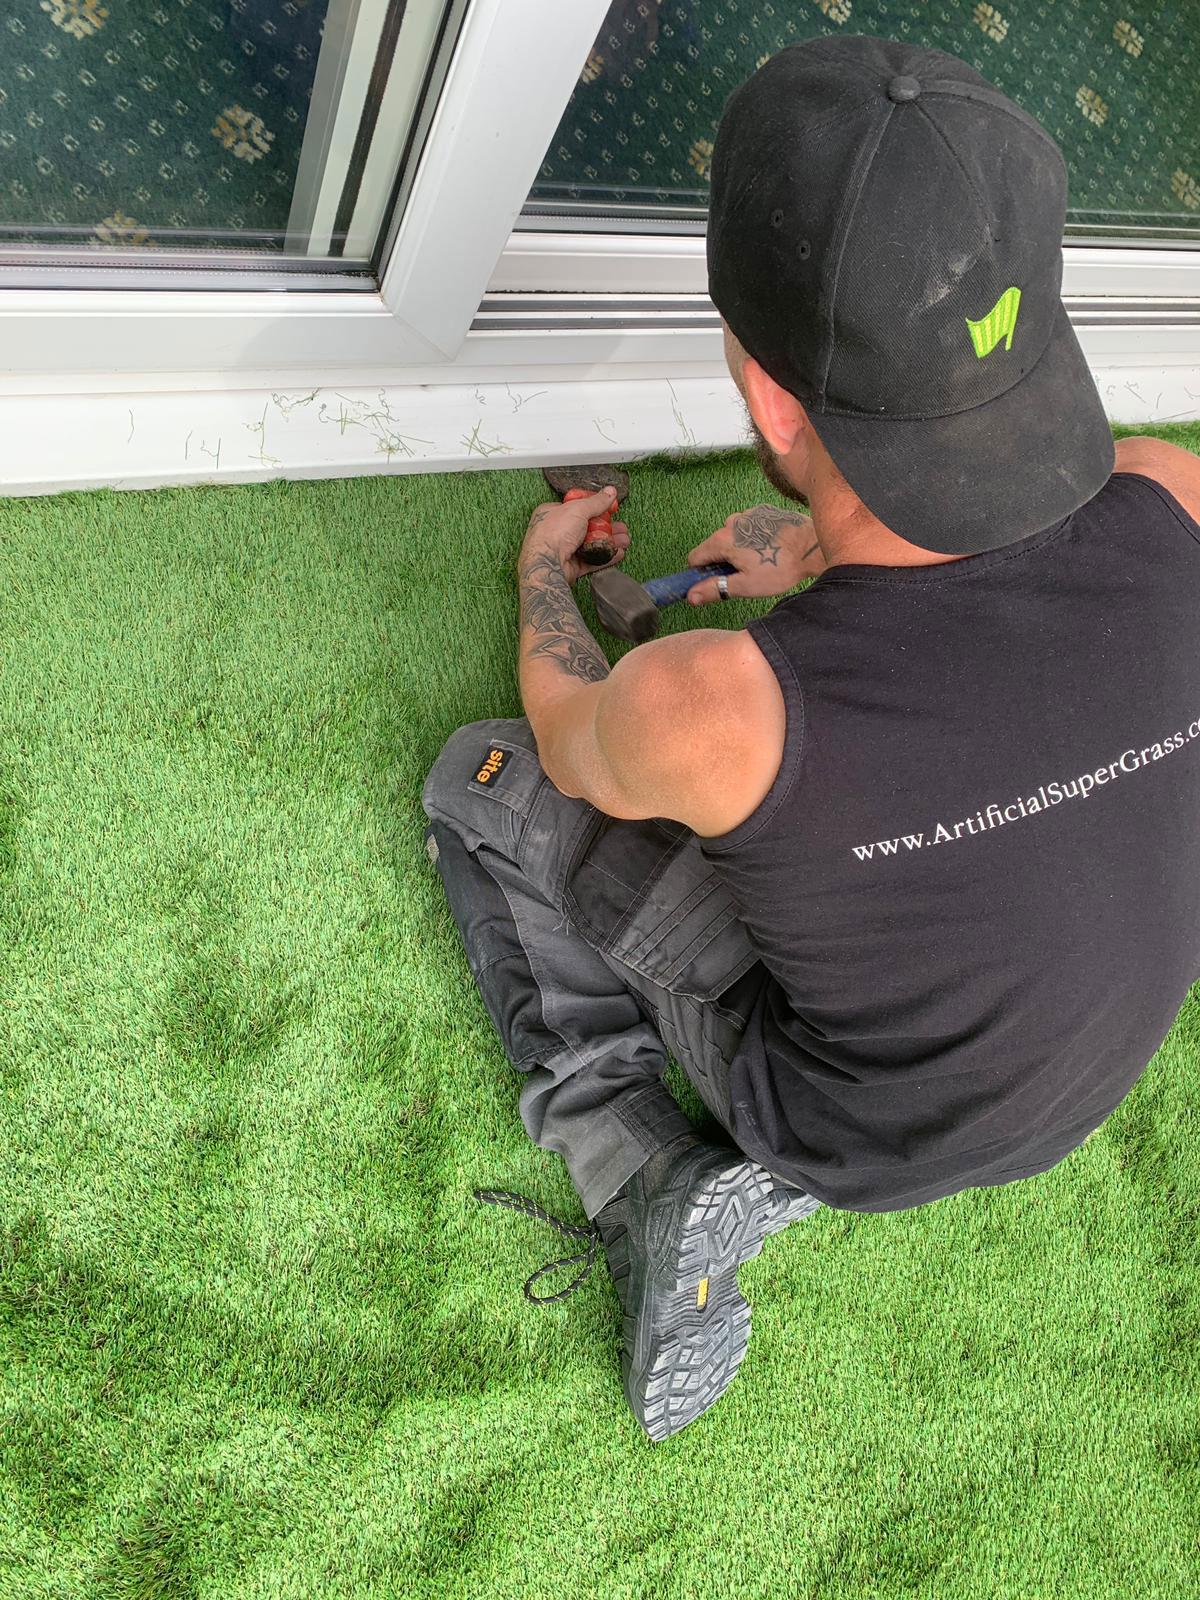 Best Quality Artificial Grass Accrington Artificial Super Grass